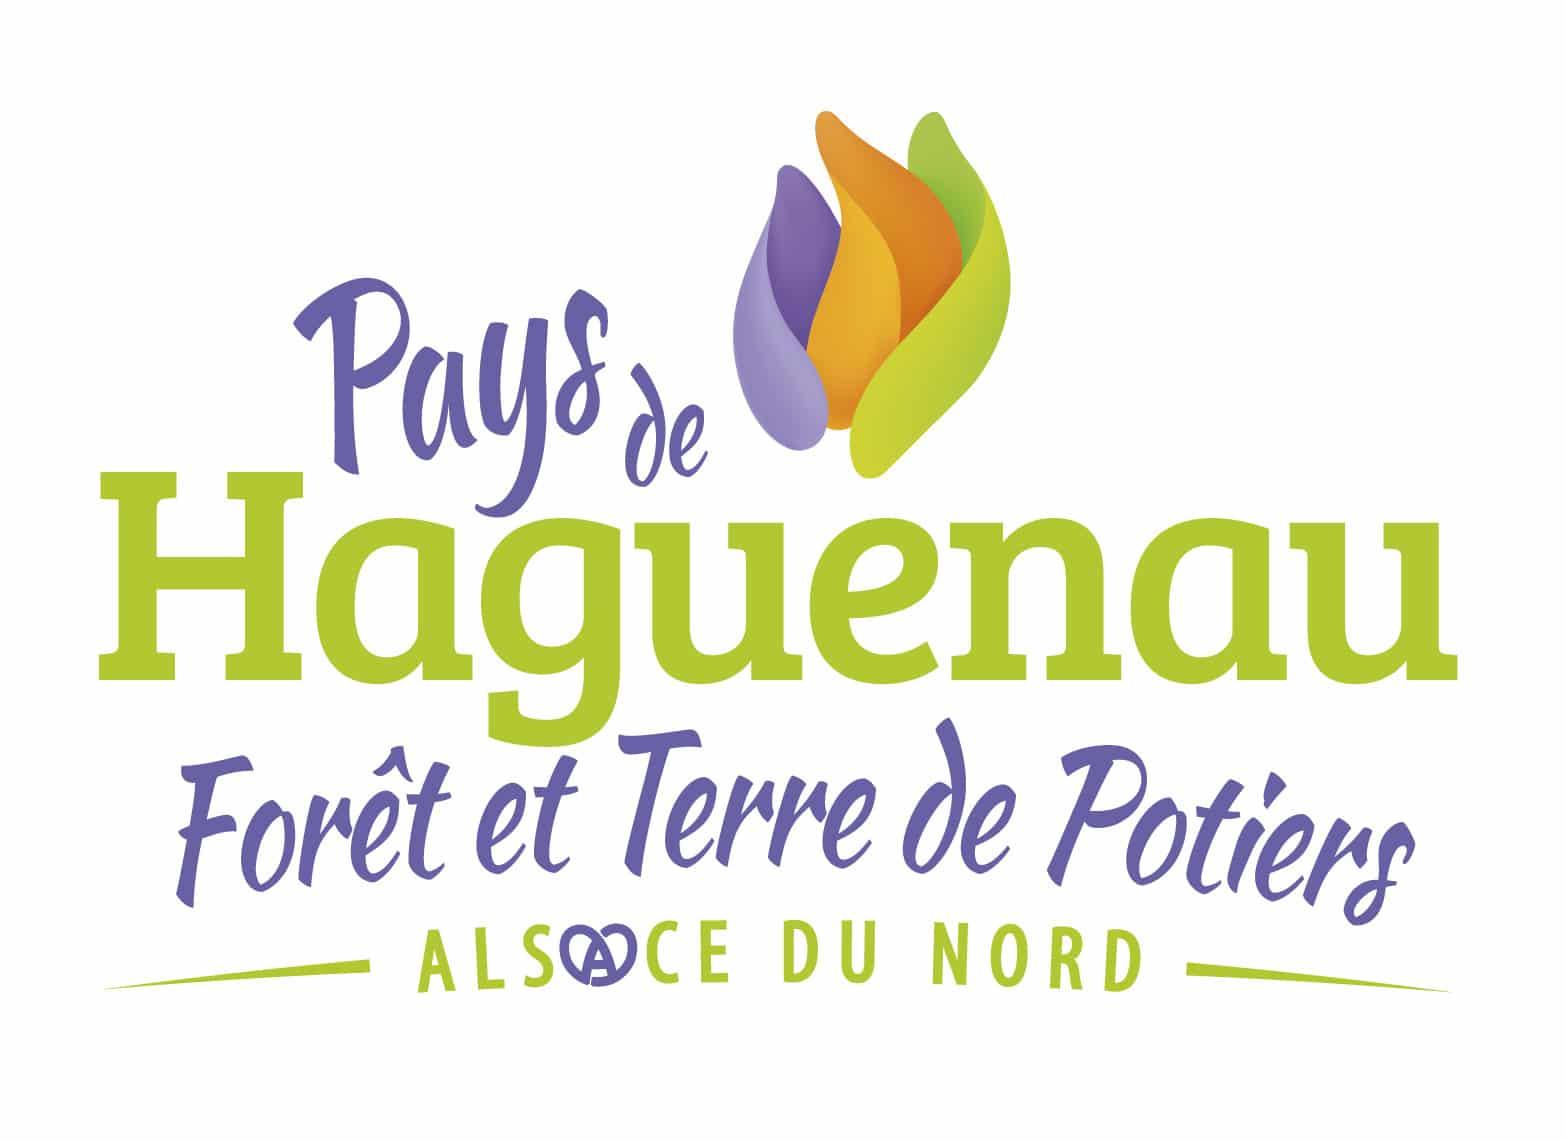 Pays de Haguenau, Forêt et Terre de potiers